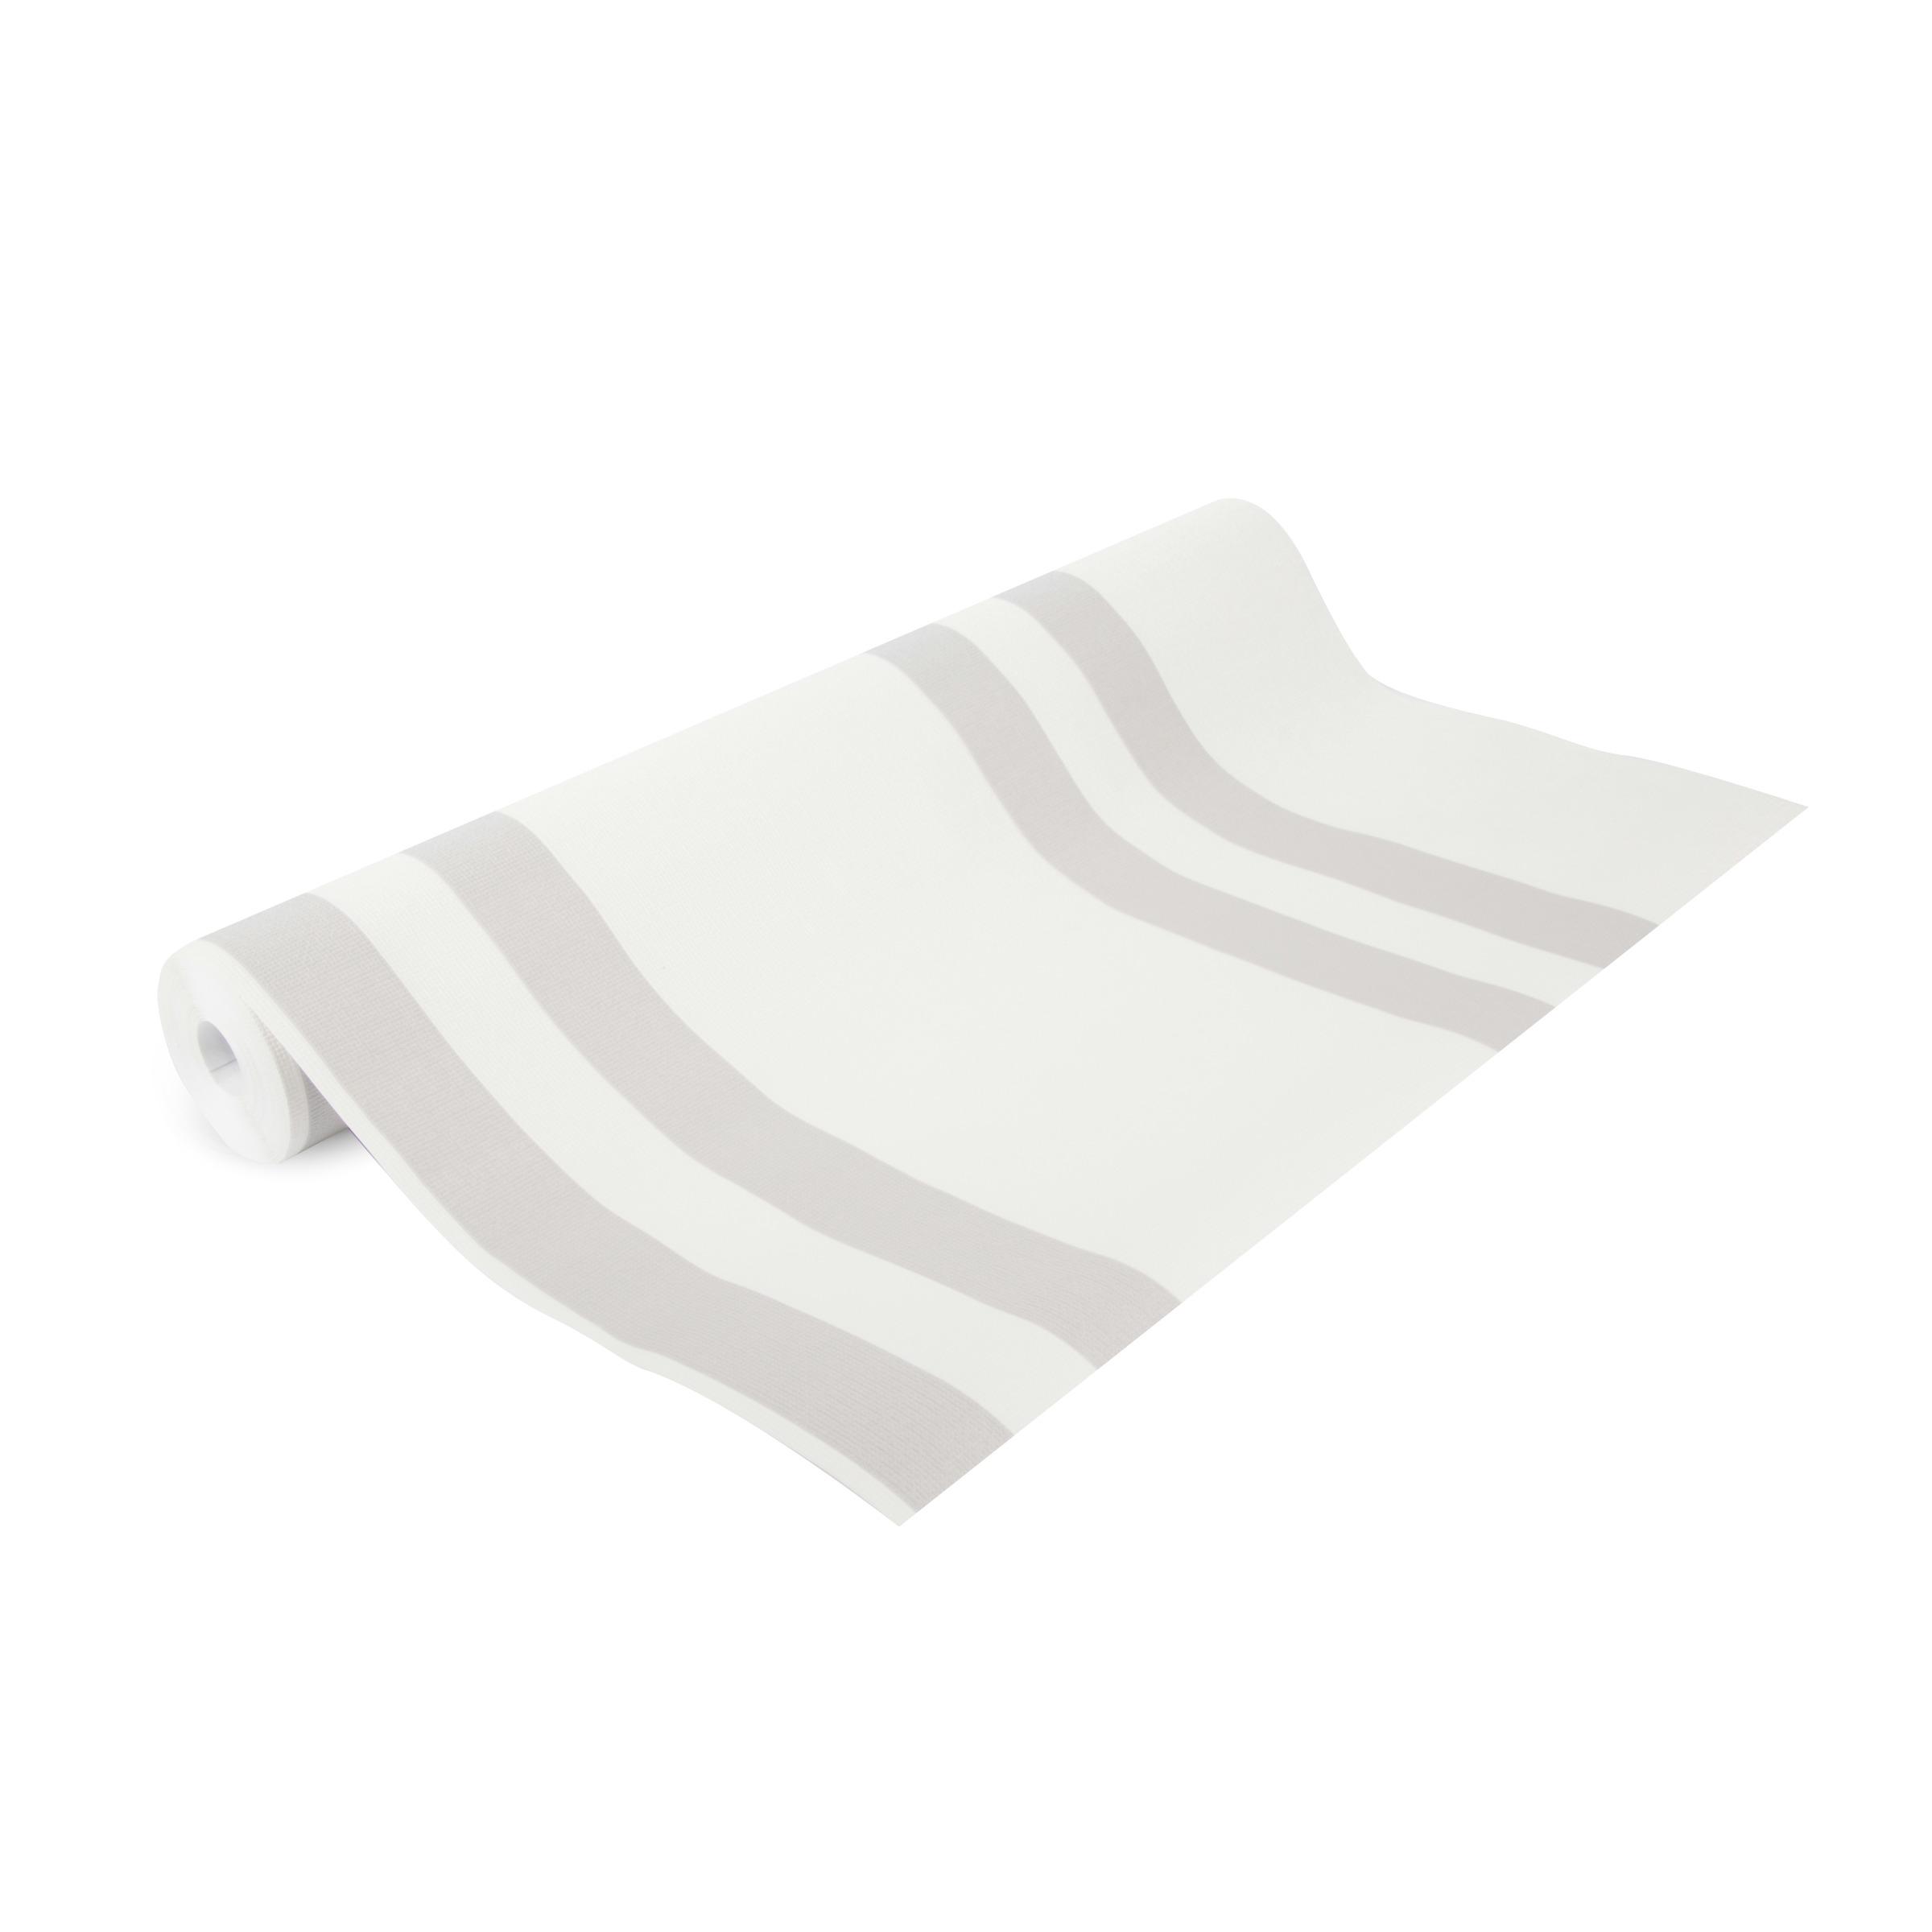 Superfresco easy gekleurd vliesbehang dessin grijs 32 548 10 m x 52 cm behang verf behang - Grijs gekleurd ...